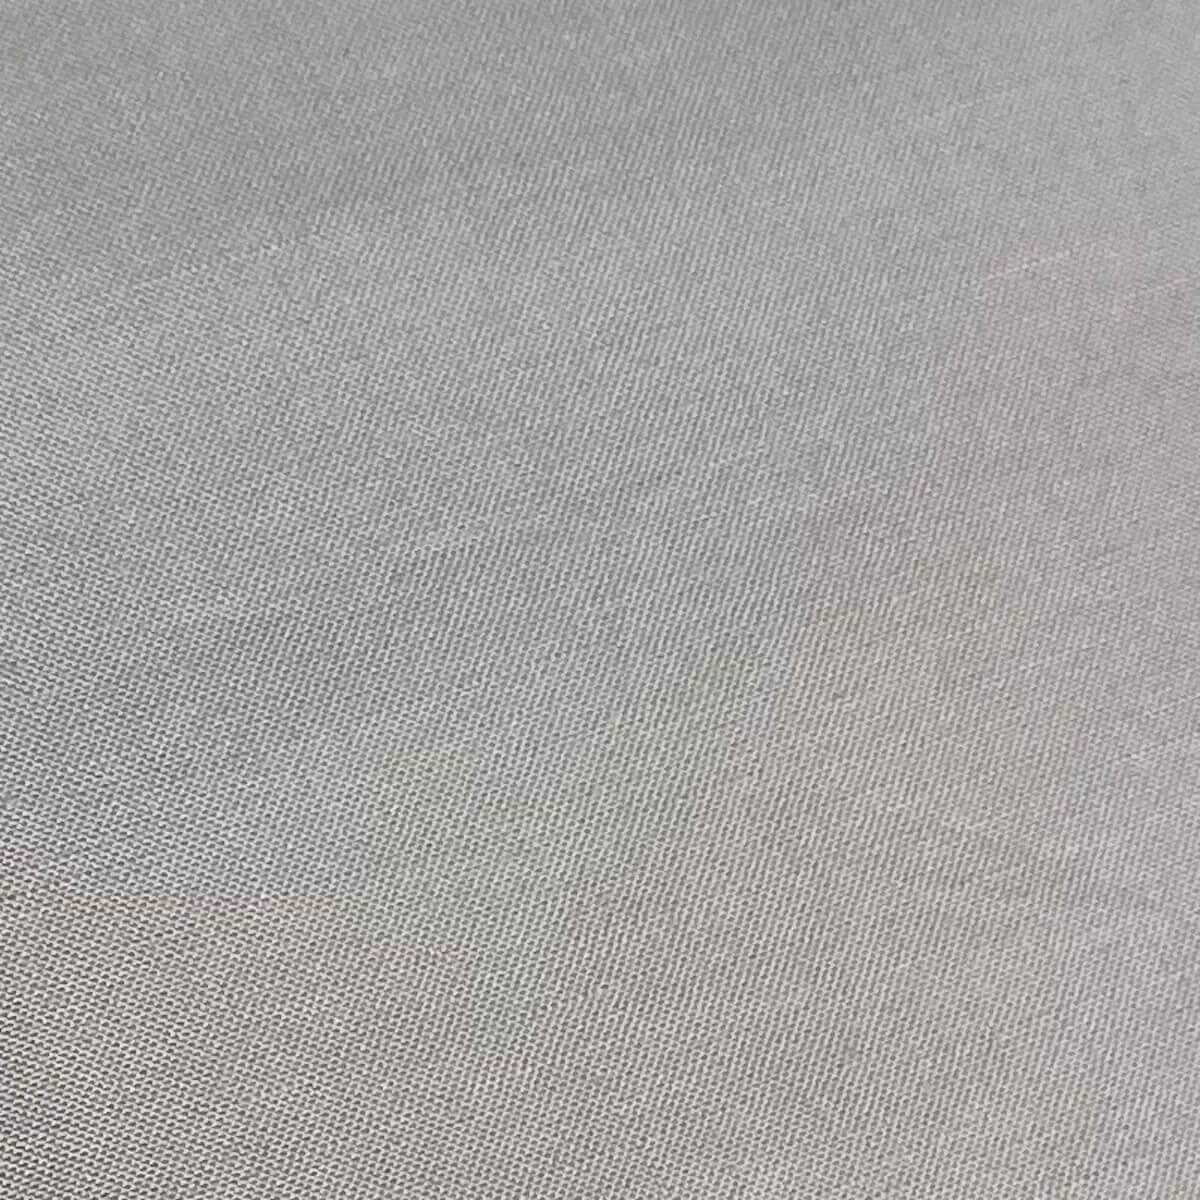 Dachbespannung mit Fenster KASVA Debreuyn Viena grey